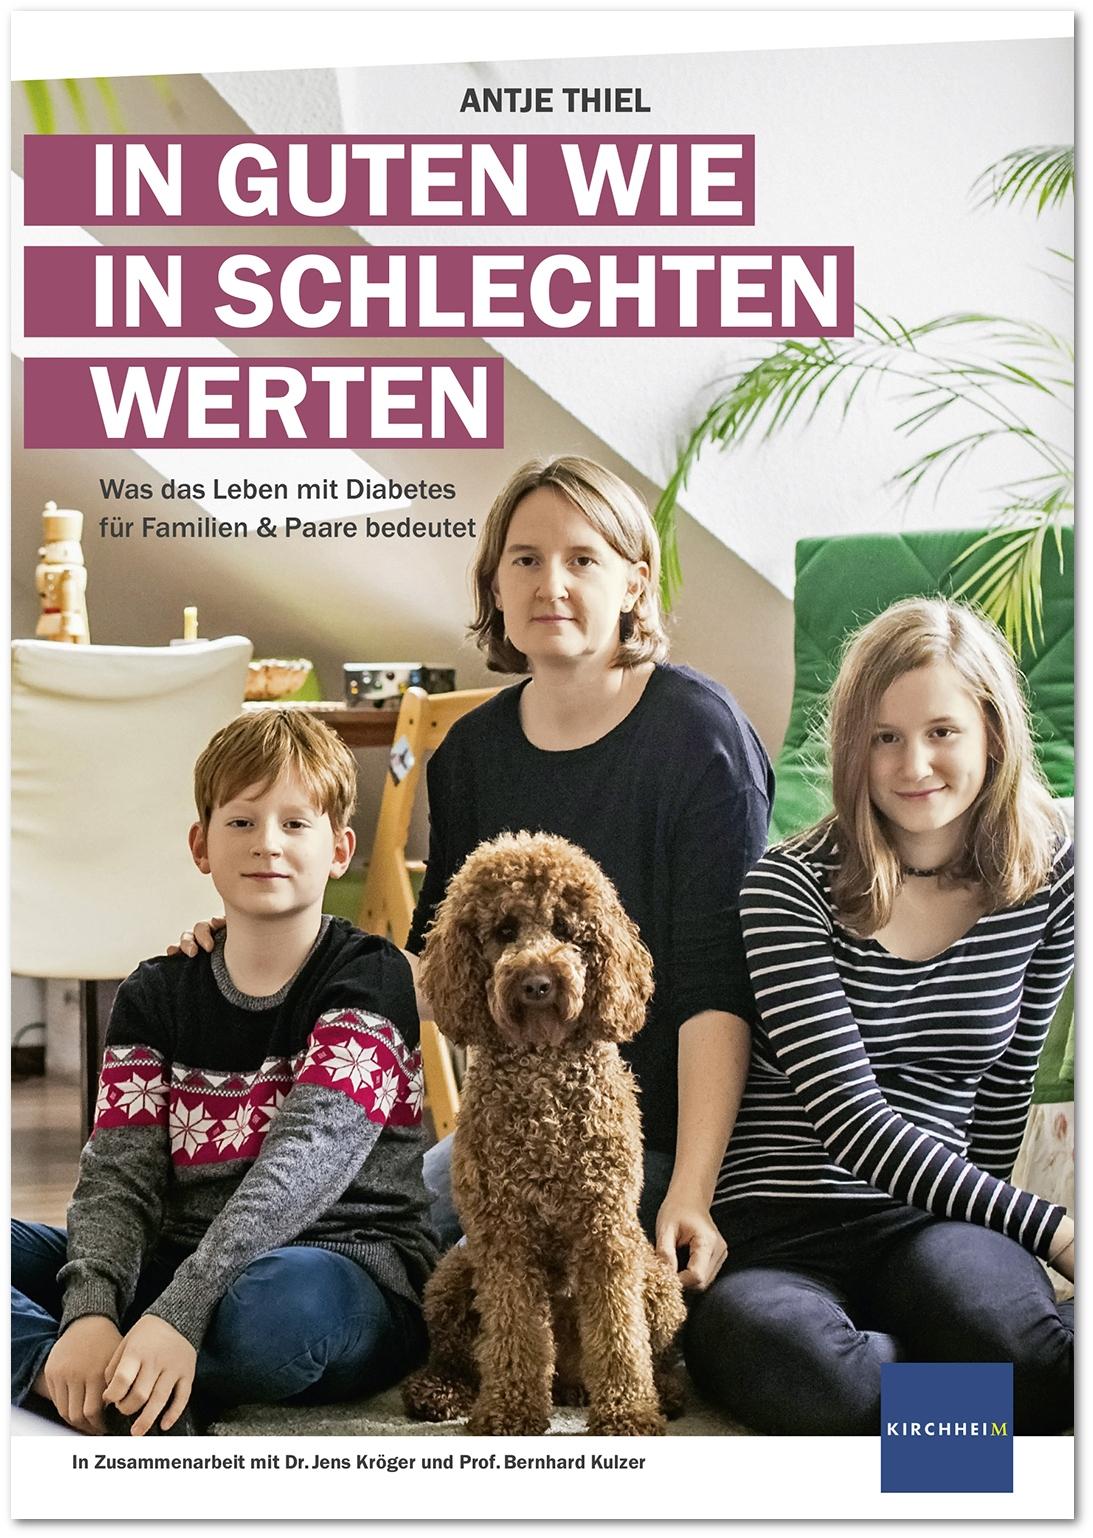 """Neues Mutmach-Buch: """"In guten wie in schlechten Werten"""""""